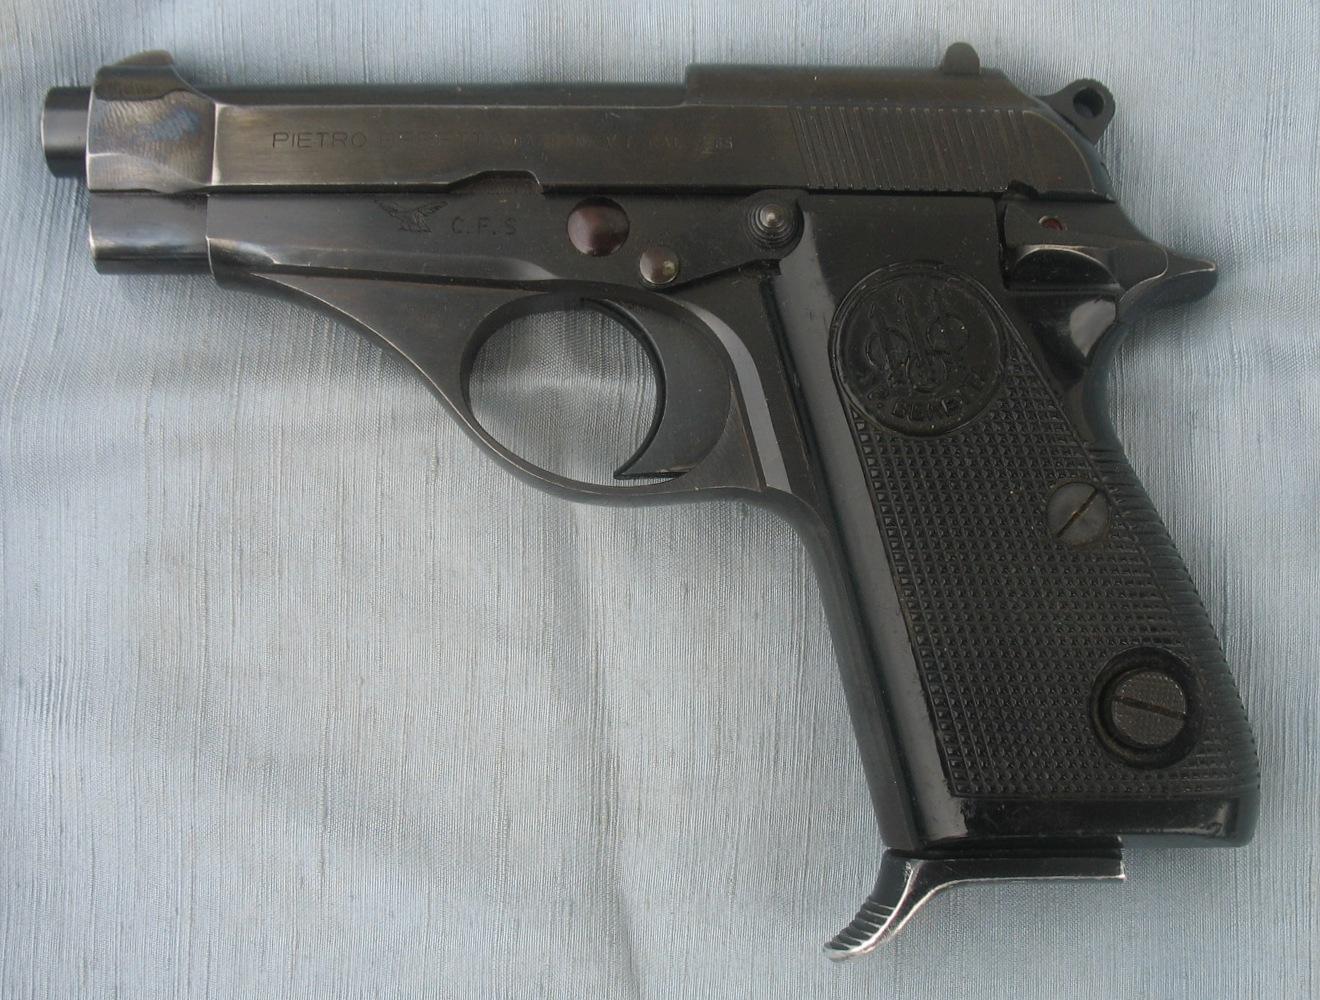 Tentato omicidio, la moglie fa ritrovare l'arma